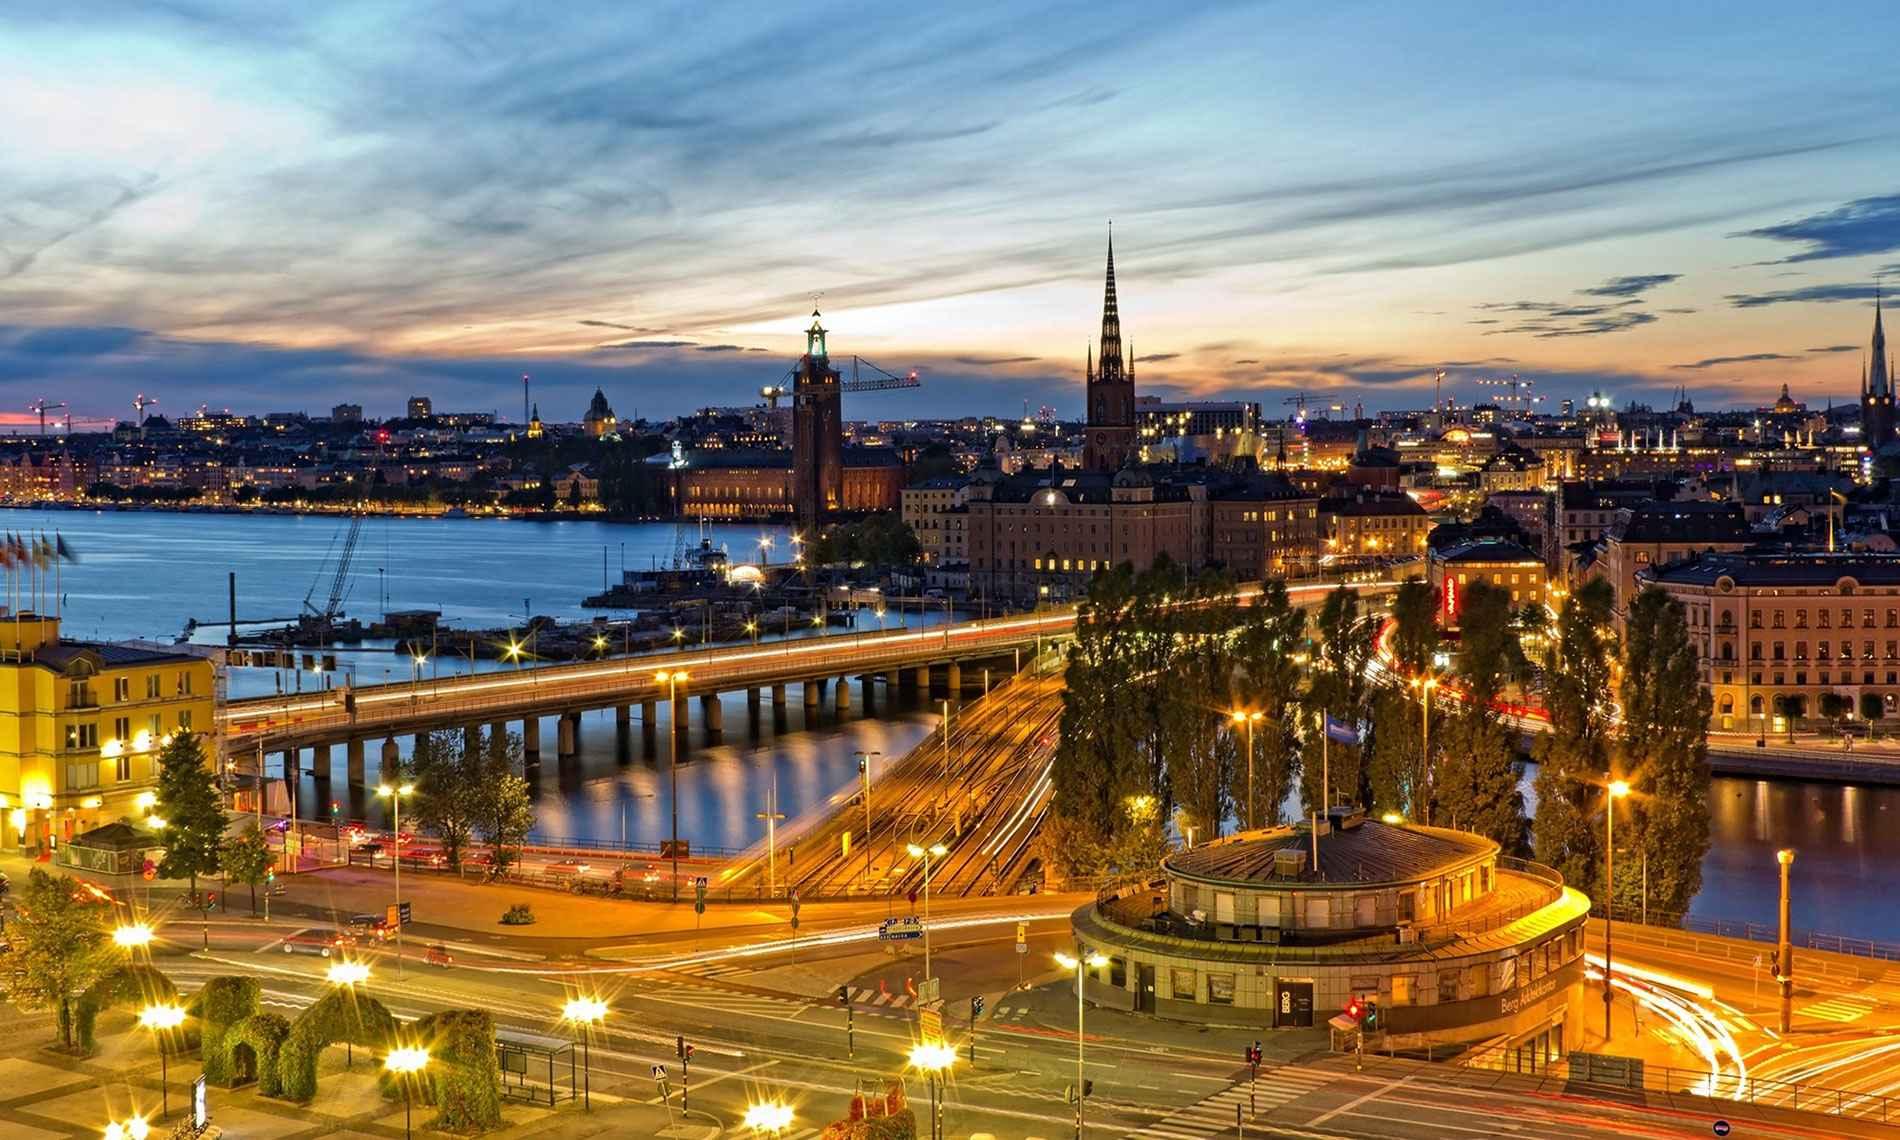 Kết quả hình ảnh cho Tòa nhà Quốc hội Thụy Điển.